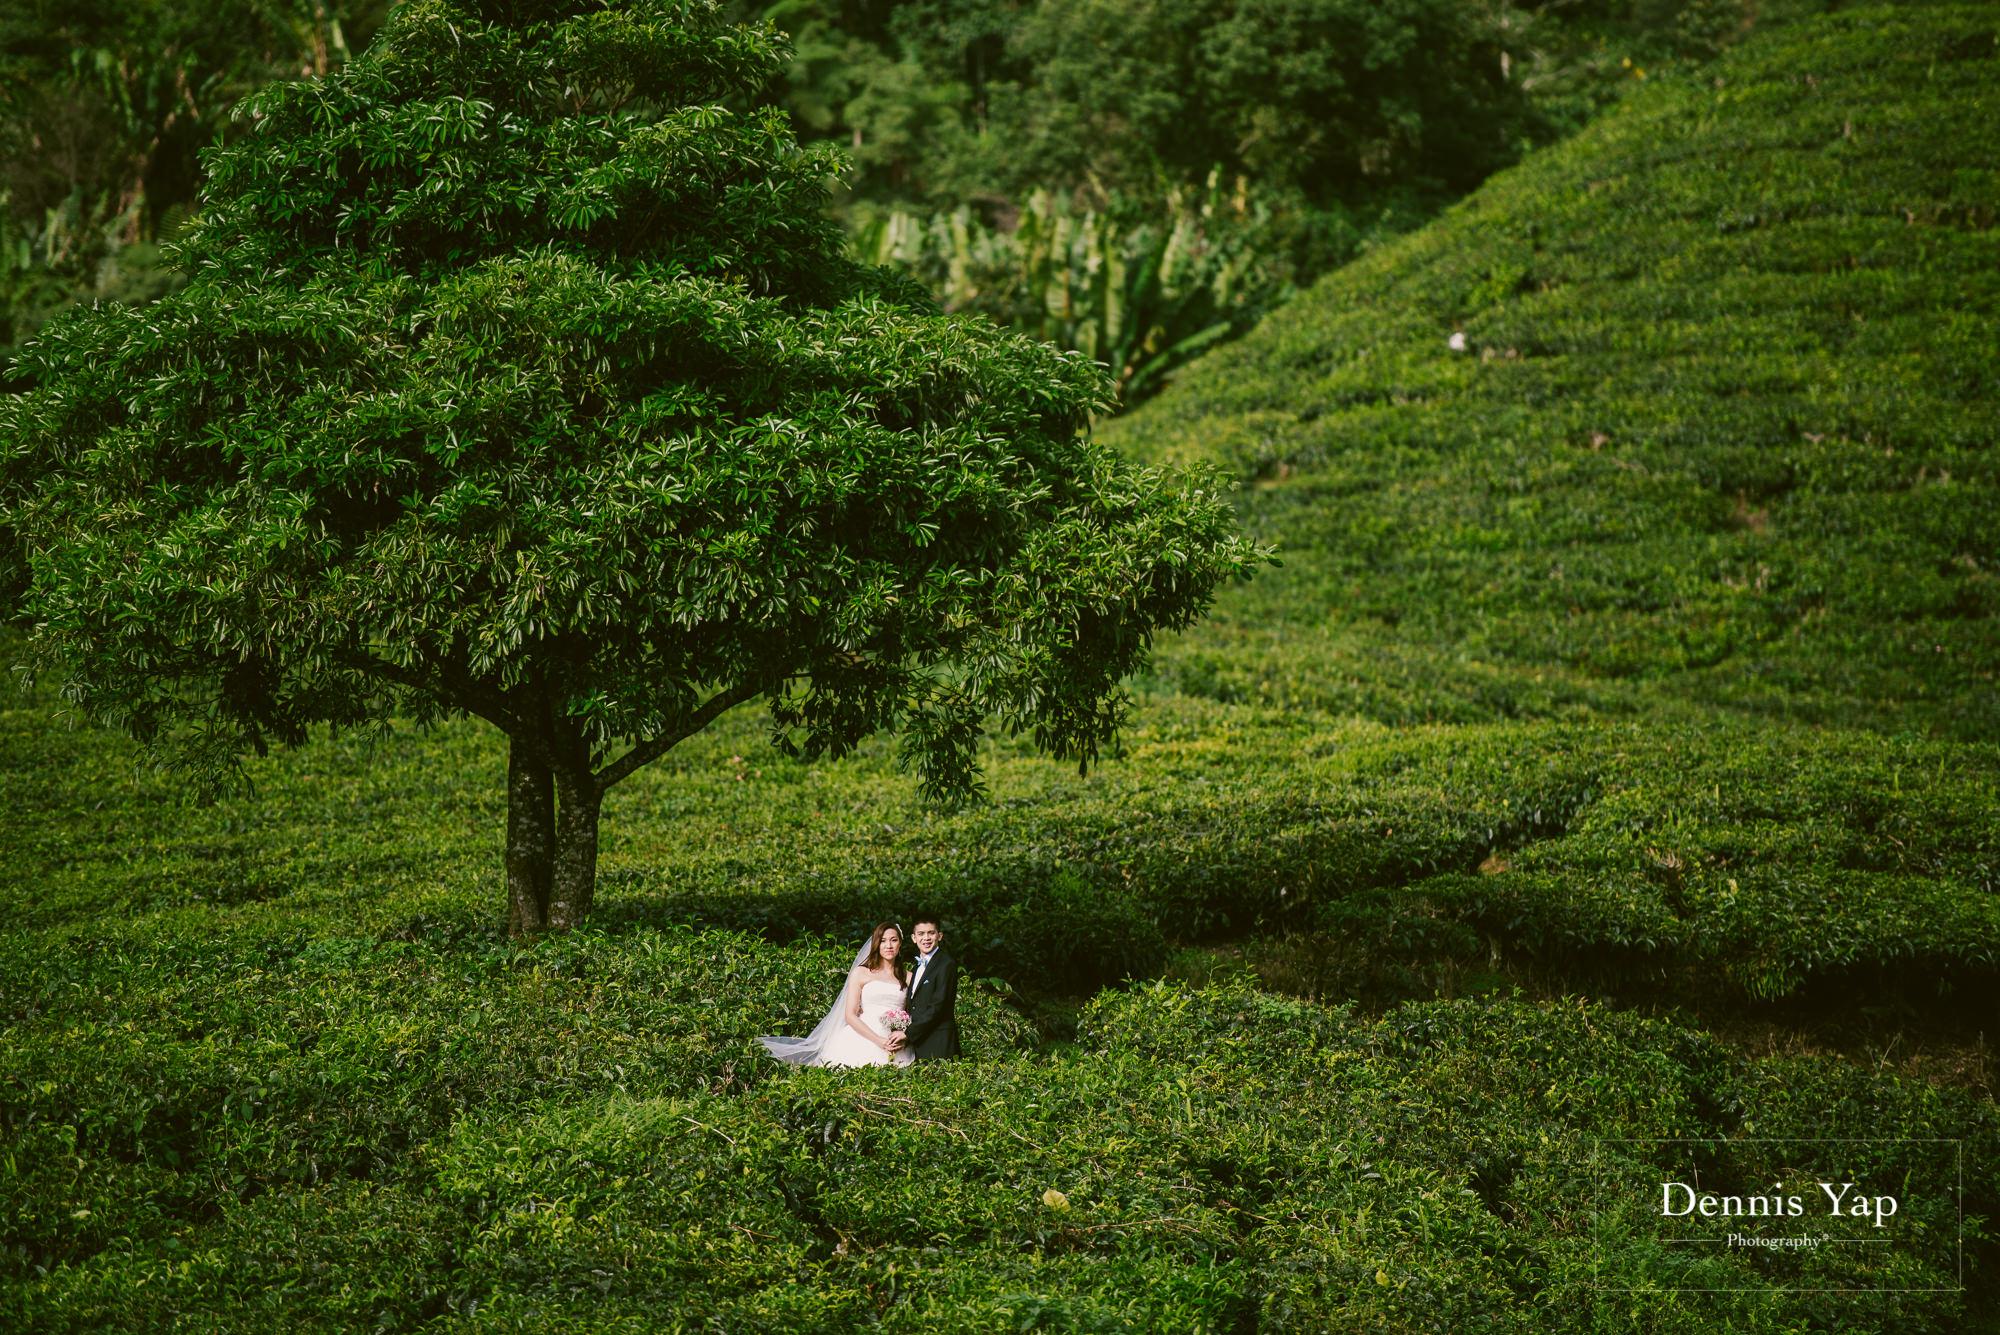 chay xiang alicia pre wedding cameron highland smoke house tea plantation dennis yap photography-6.jpg